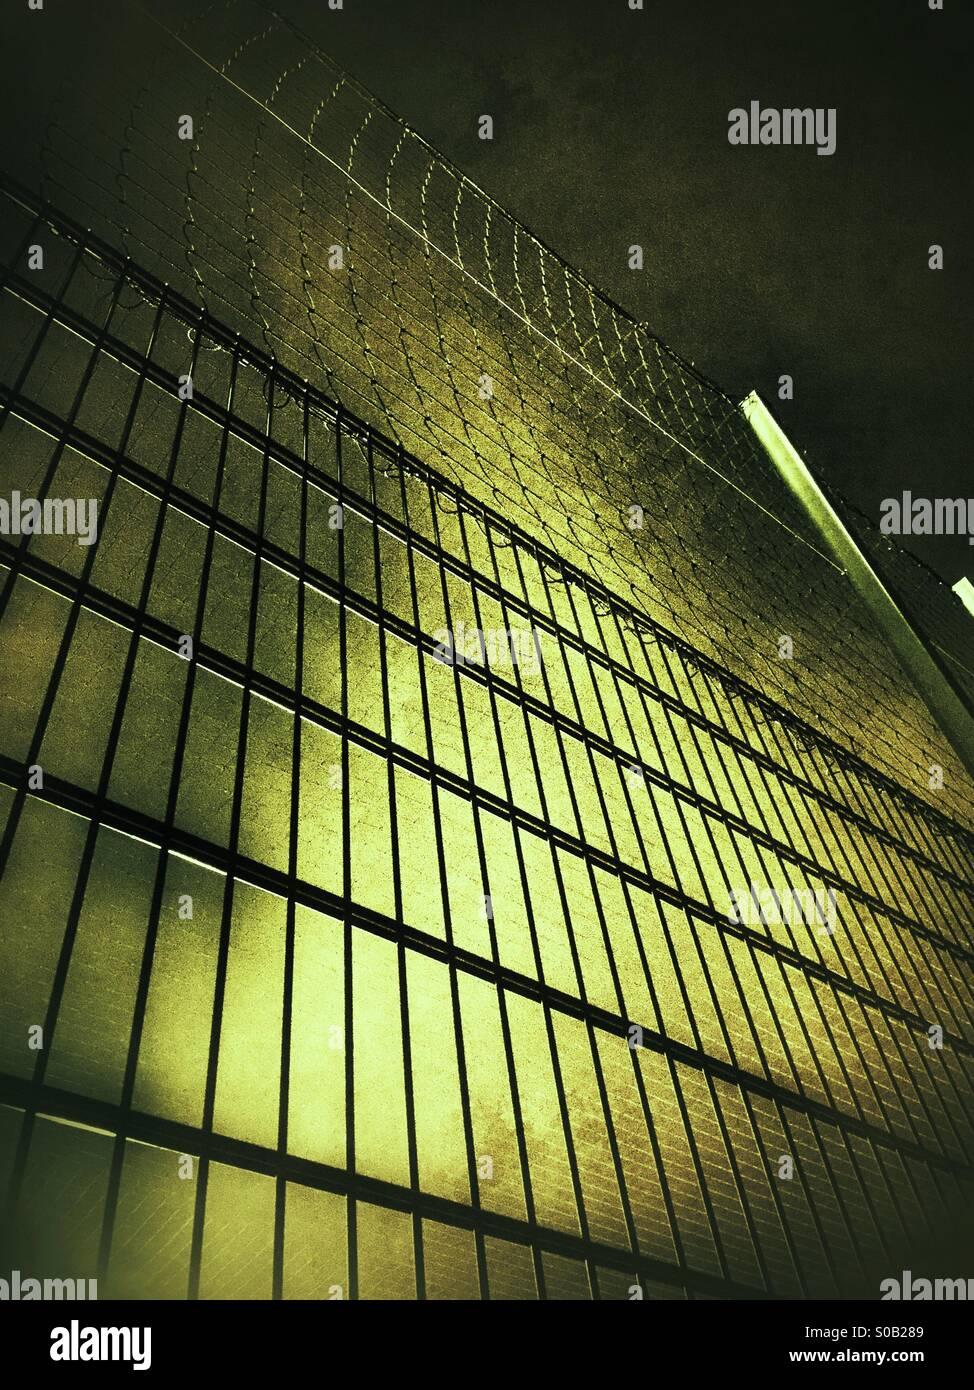 Alta recinzione metallica Immagini Stock